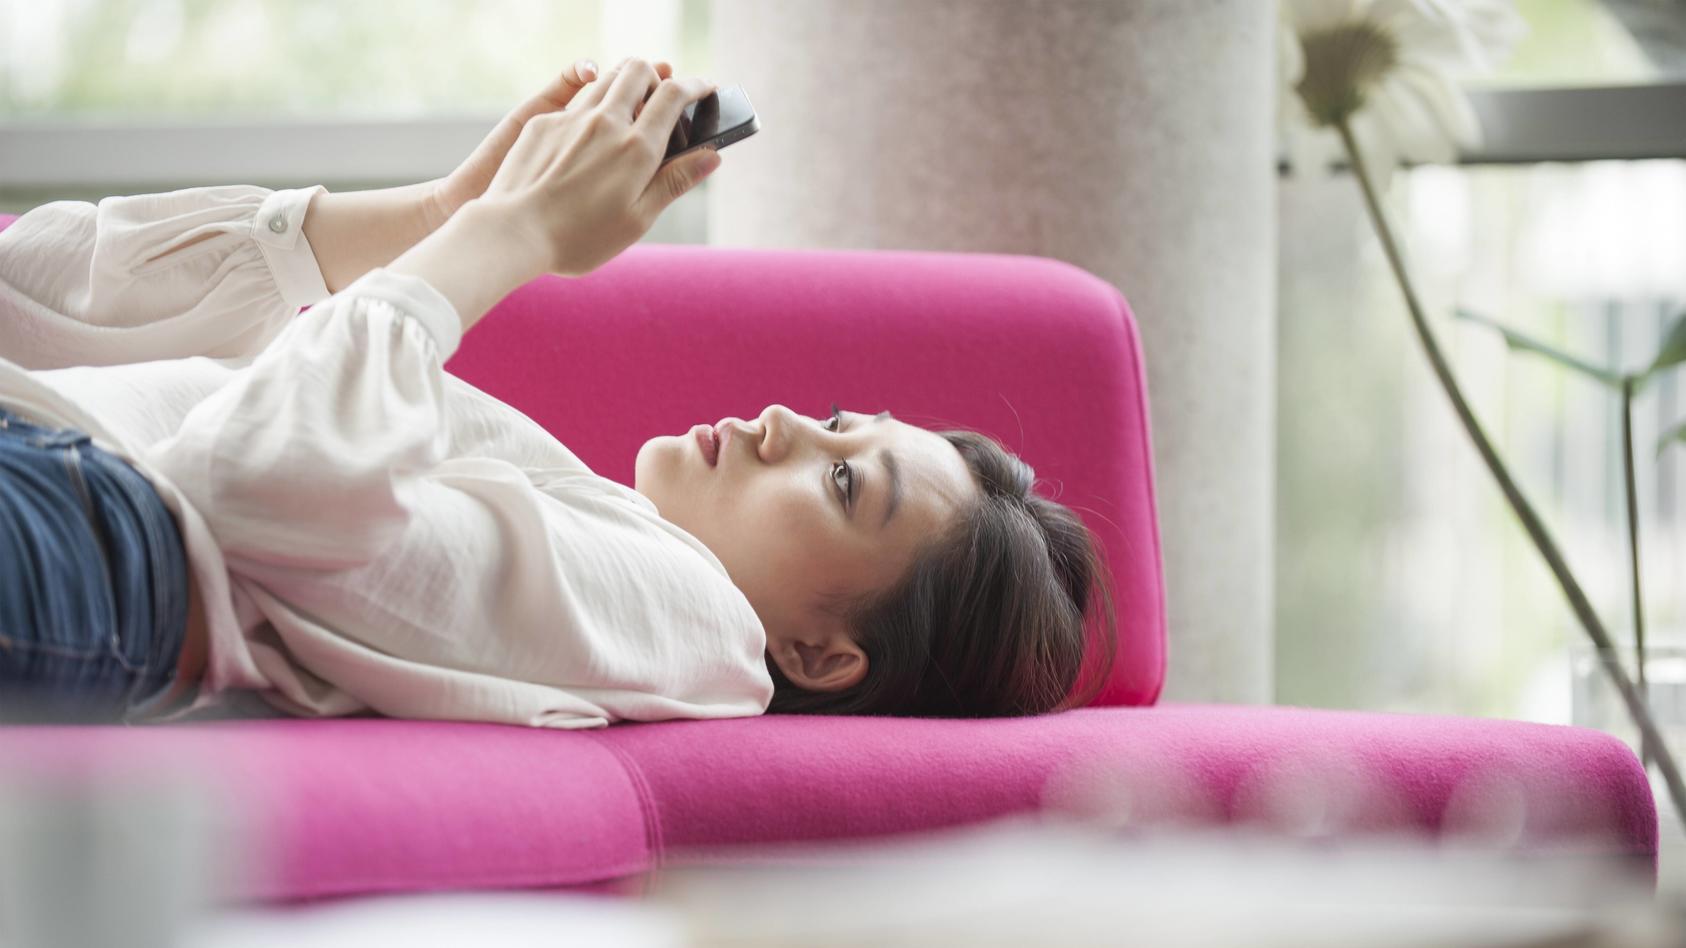 Große Liebe oder nur enttäuschte Erwartungen: So berichten User von ihren Erfahrungen mit Online-Dating-Apps.